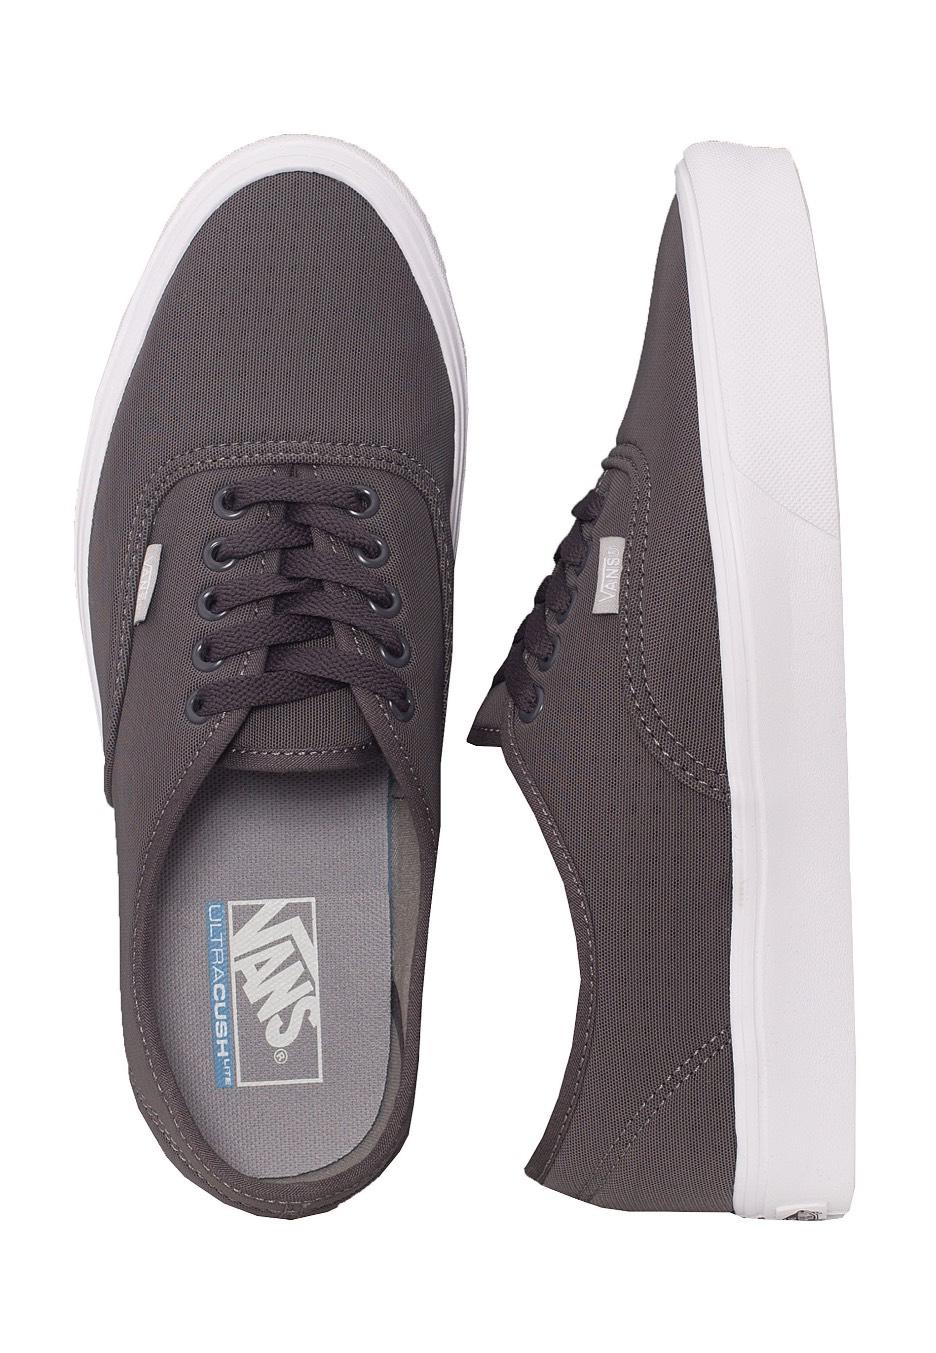 1a06c282432fc5 Vans - Authentic Lite Neo-Perf Asphalt True White - Shoes - Impericon.com UK